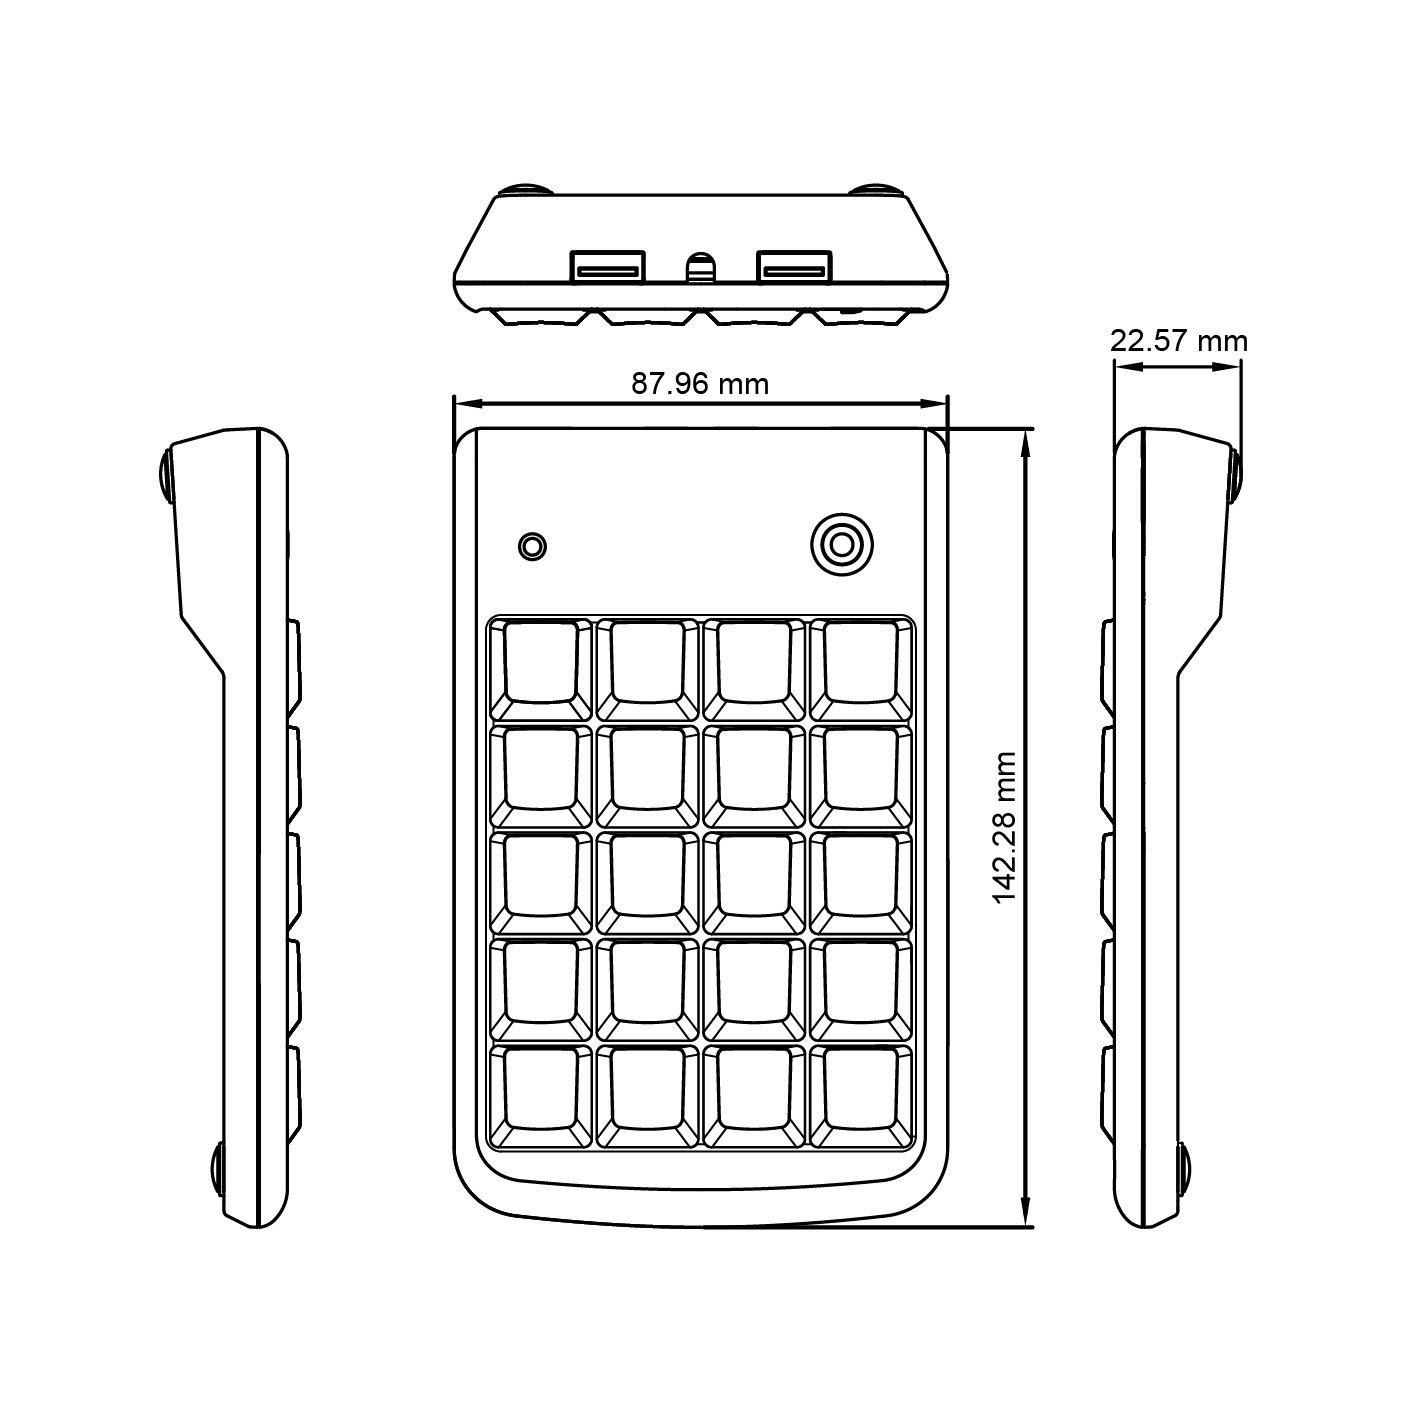 Big stampare lettere Tastierino numerico Perixx PERIPAD-201B Nero USB Full Size 19 Keys